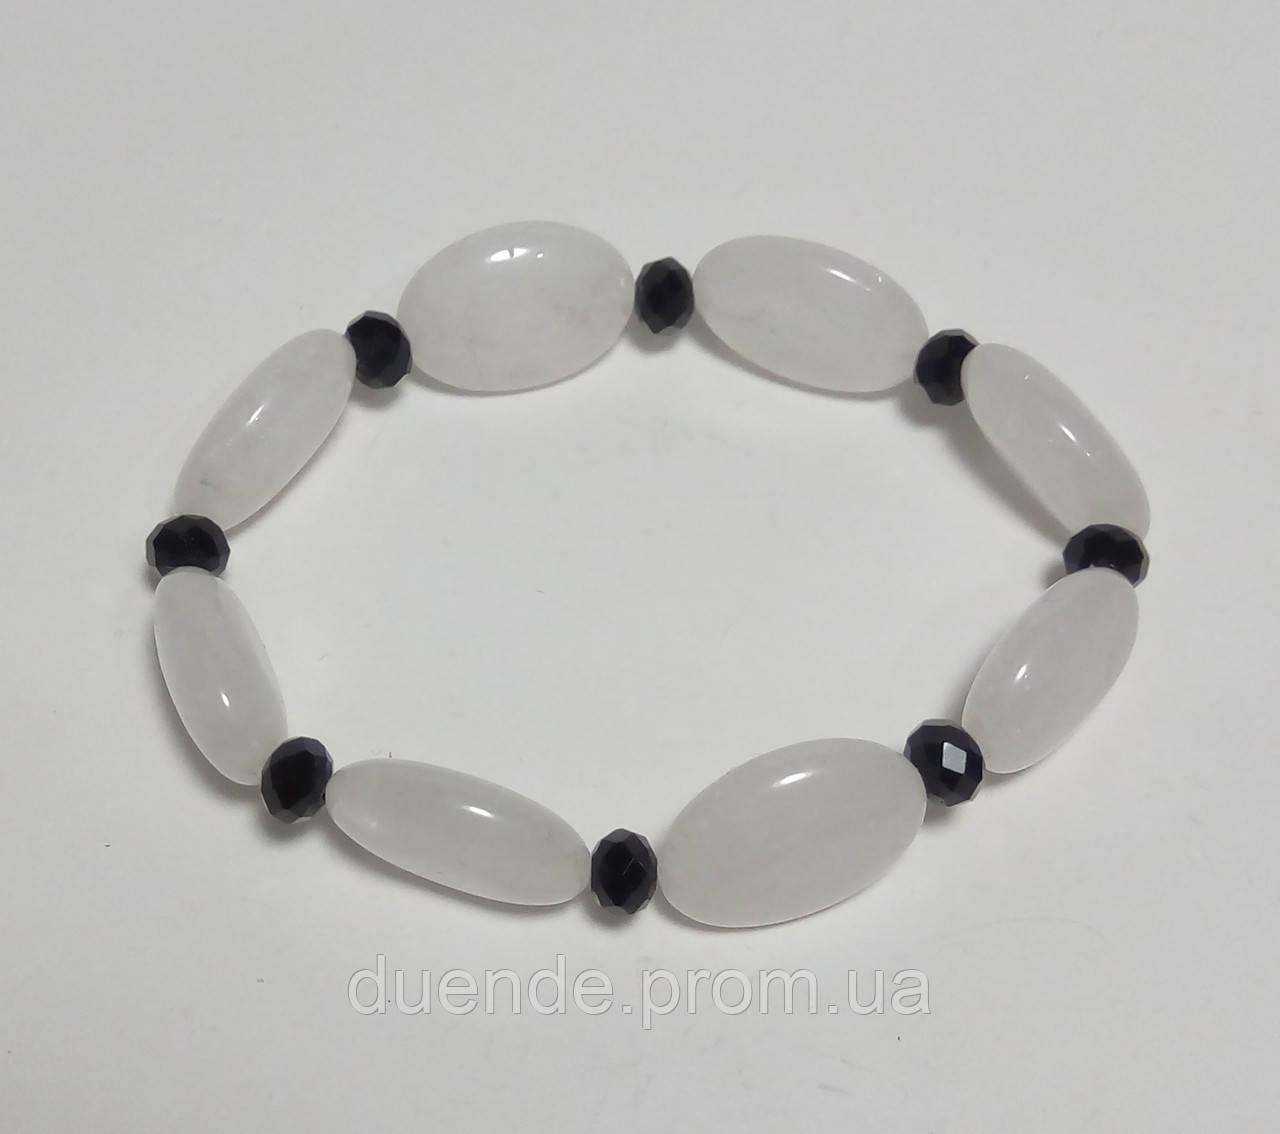 Браслет Кварц молочно-білий, натуральний камінь, тм Satori \ Sb - 0090